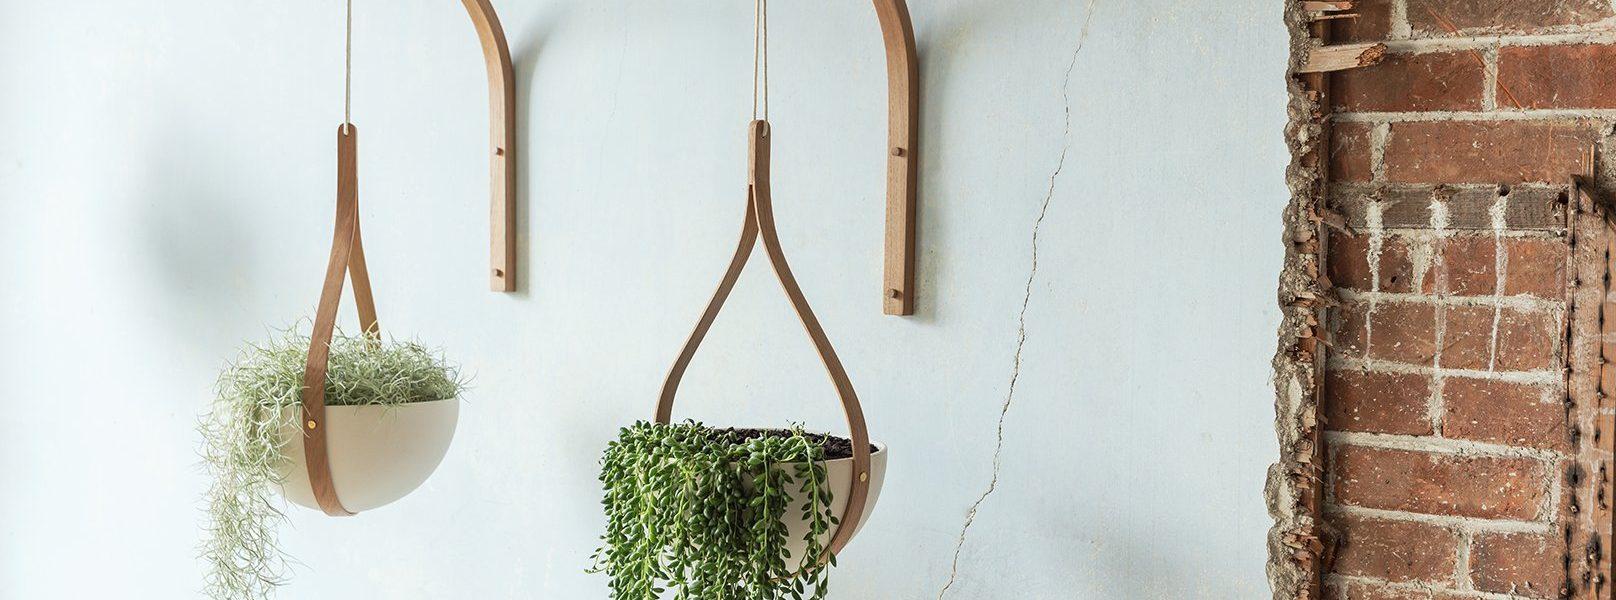 Hanging Planters Furniture20